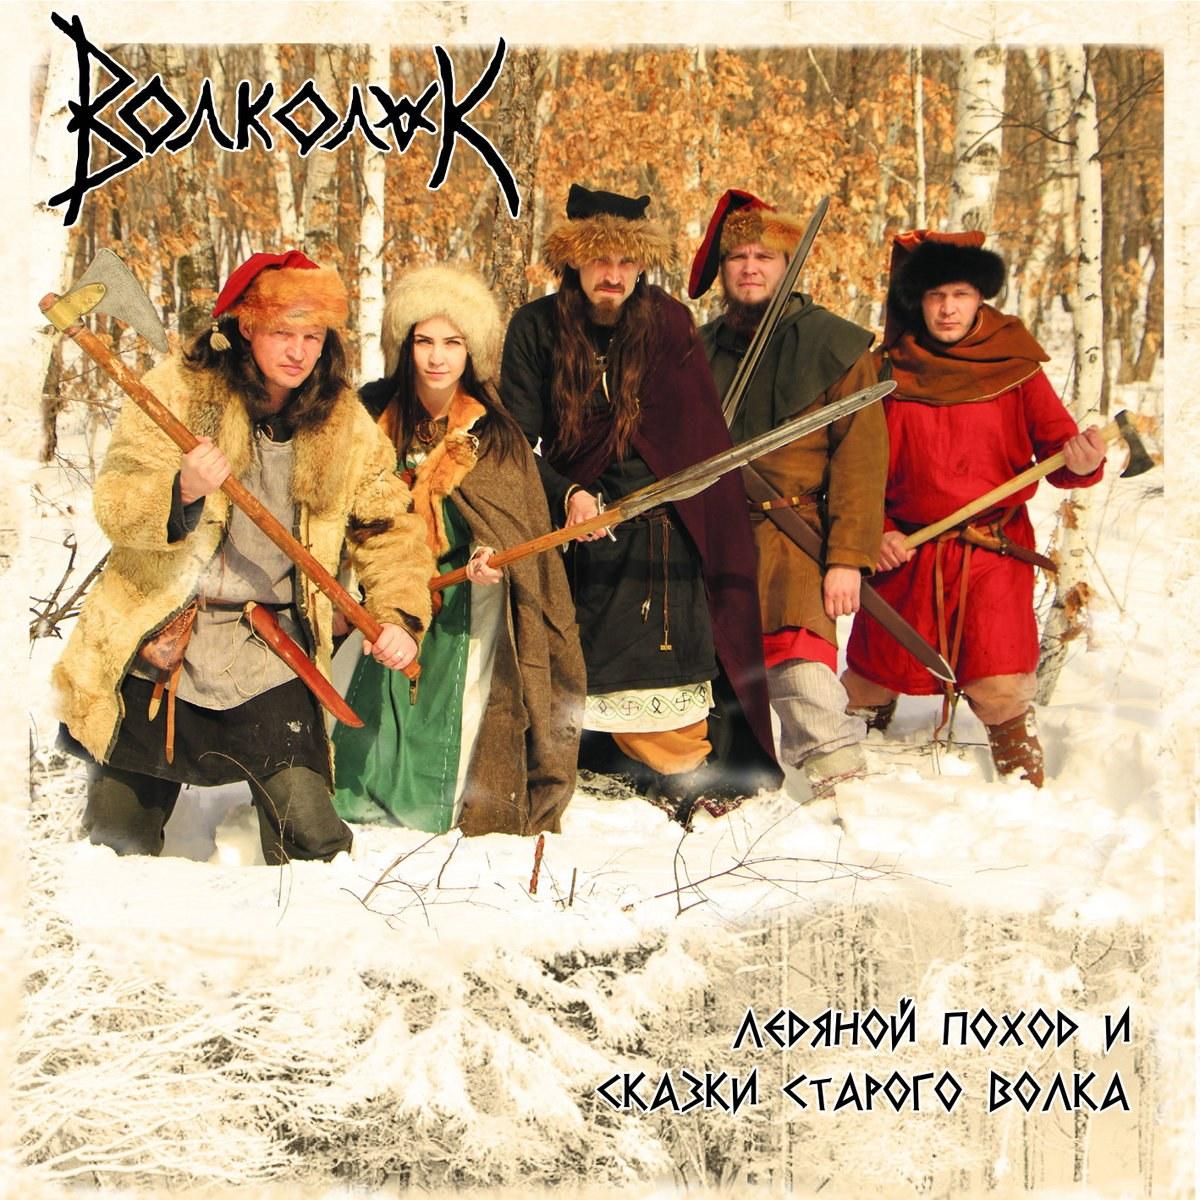 Volkolak / Волколак - Ледяной поход и Сказки старого волка